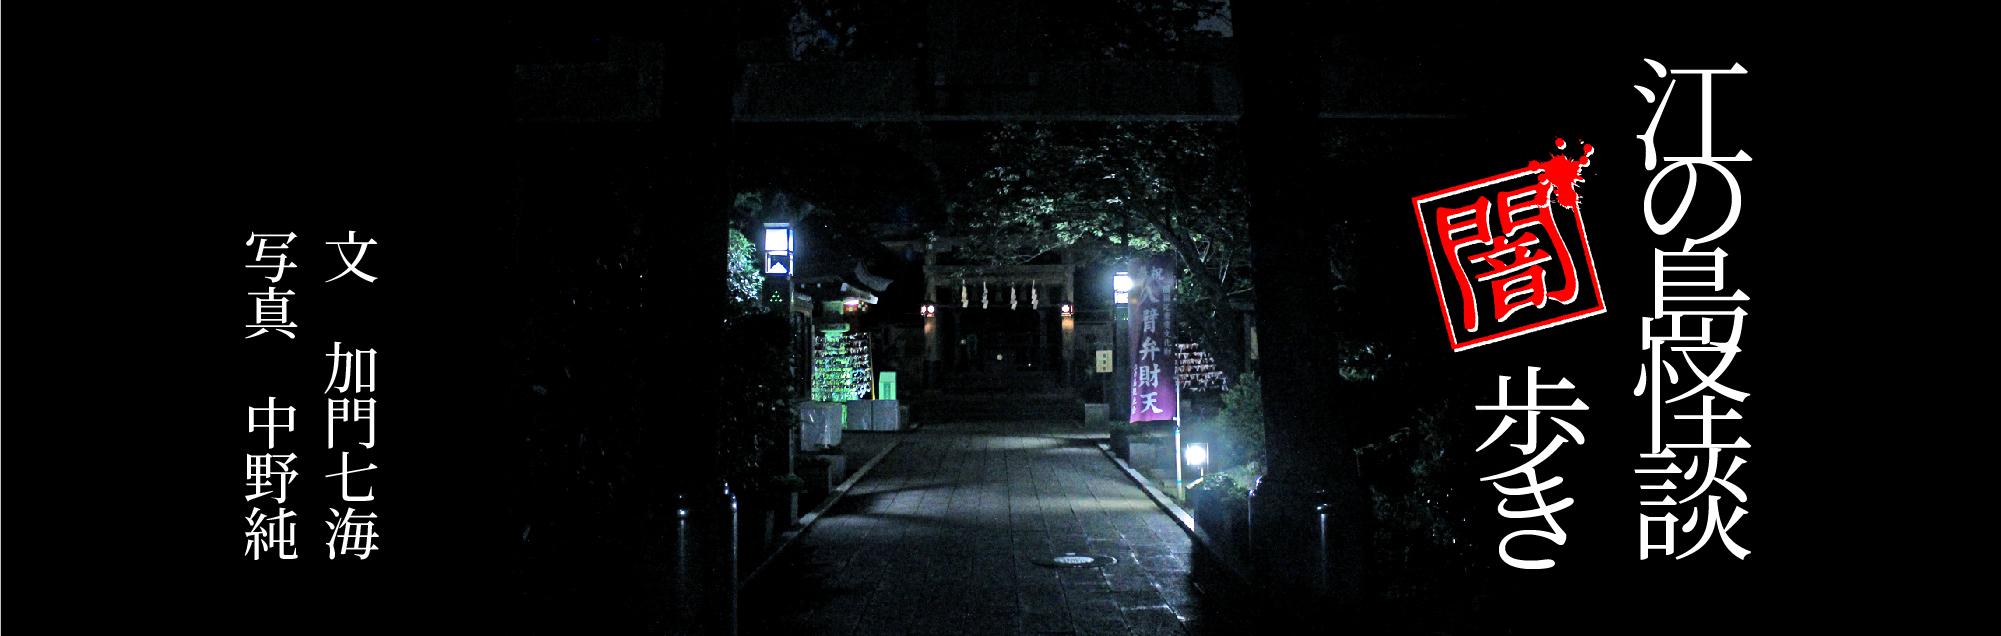 江の島怪談闇歩き 加門七海